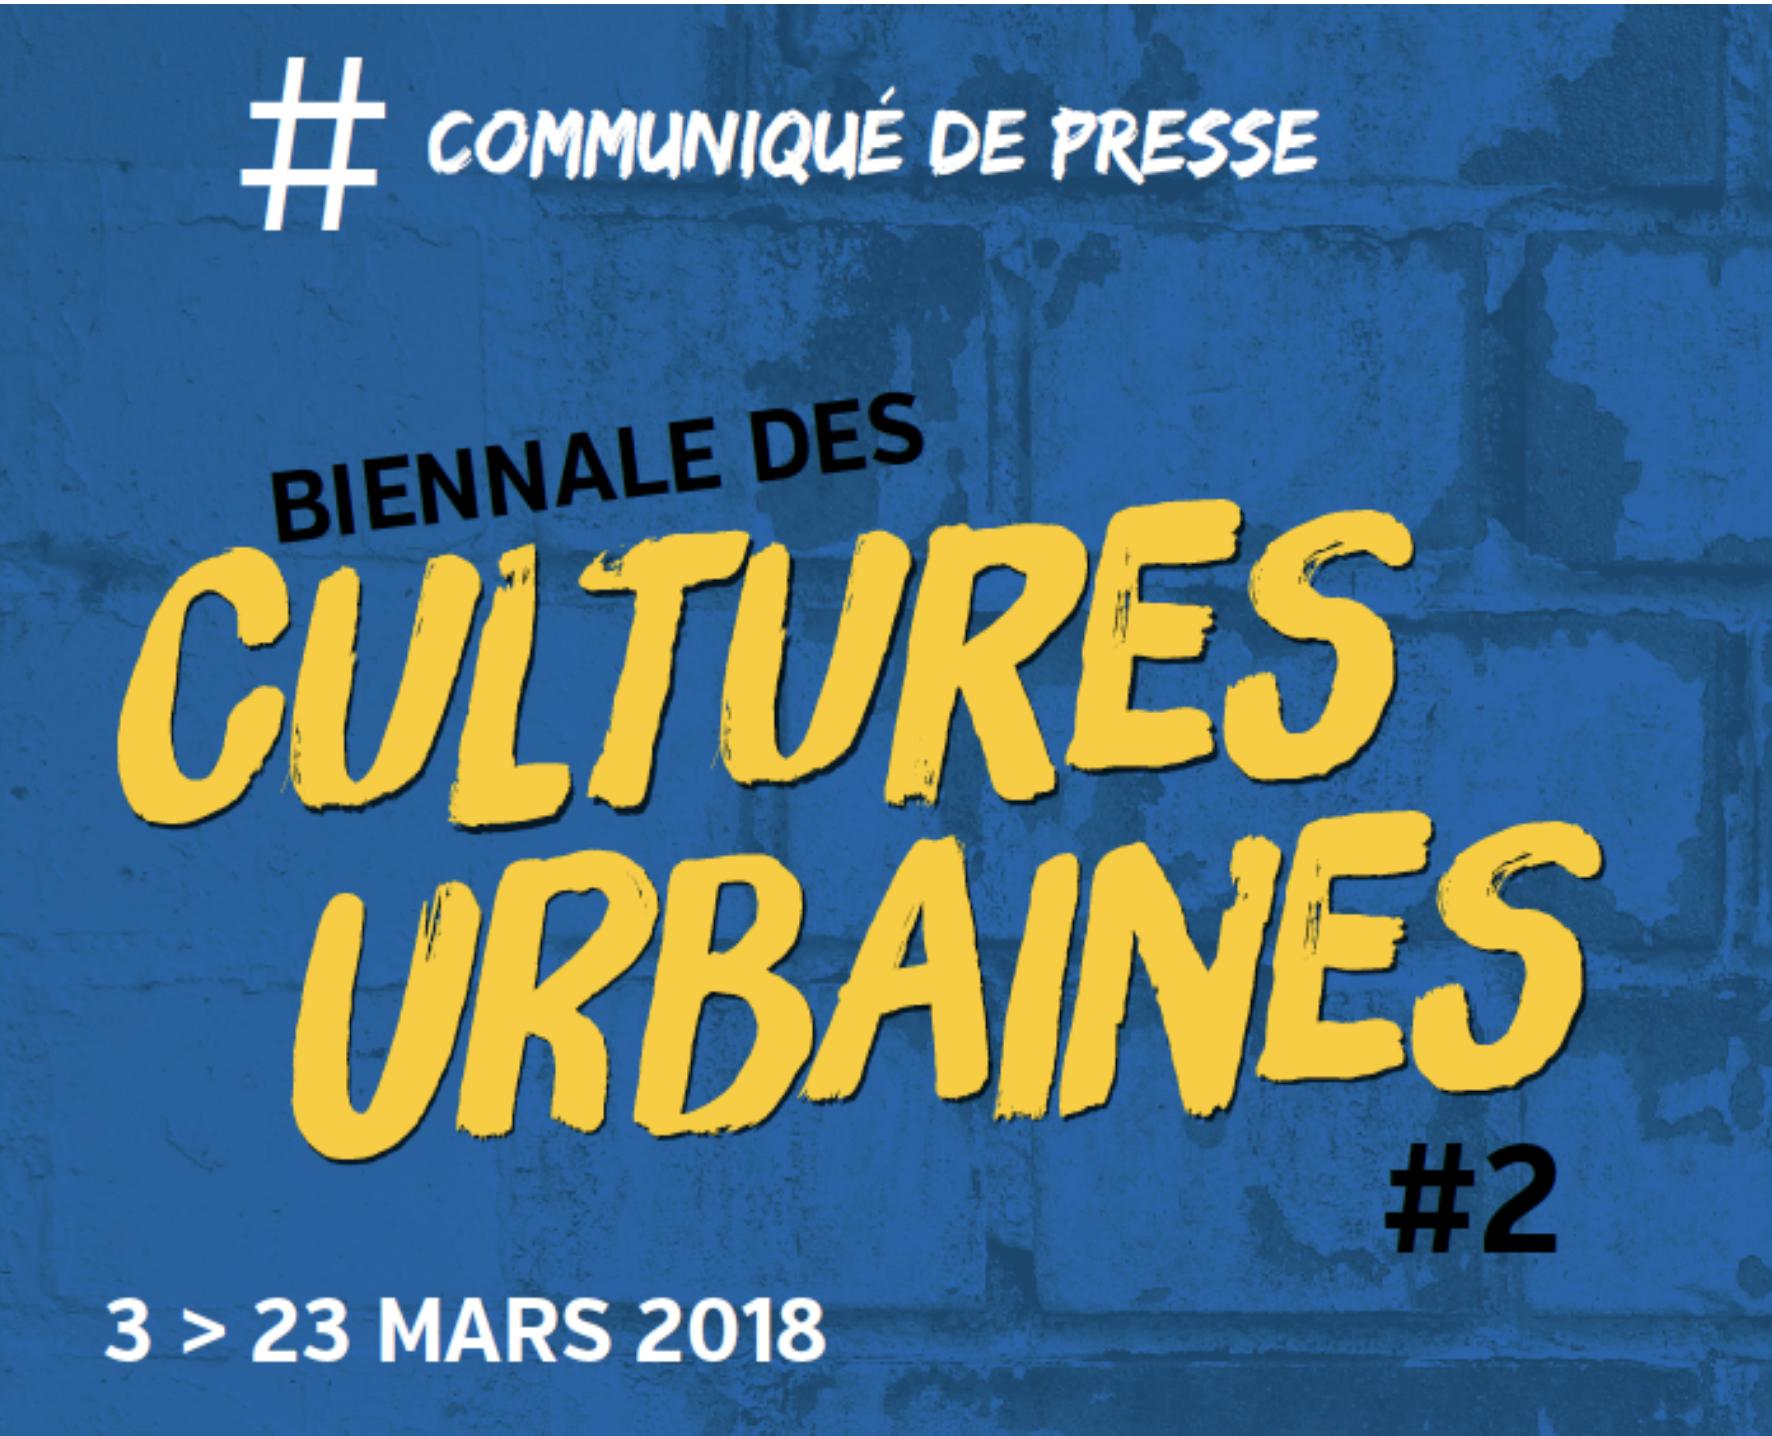 Biennale des Cultures Urbaines